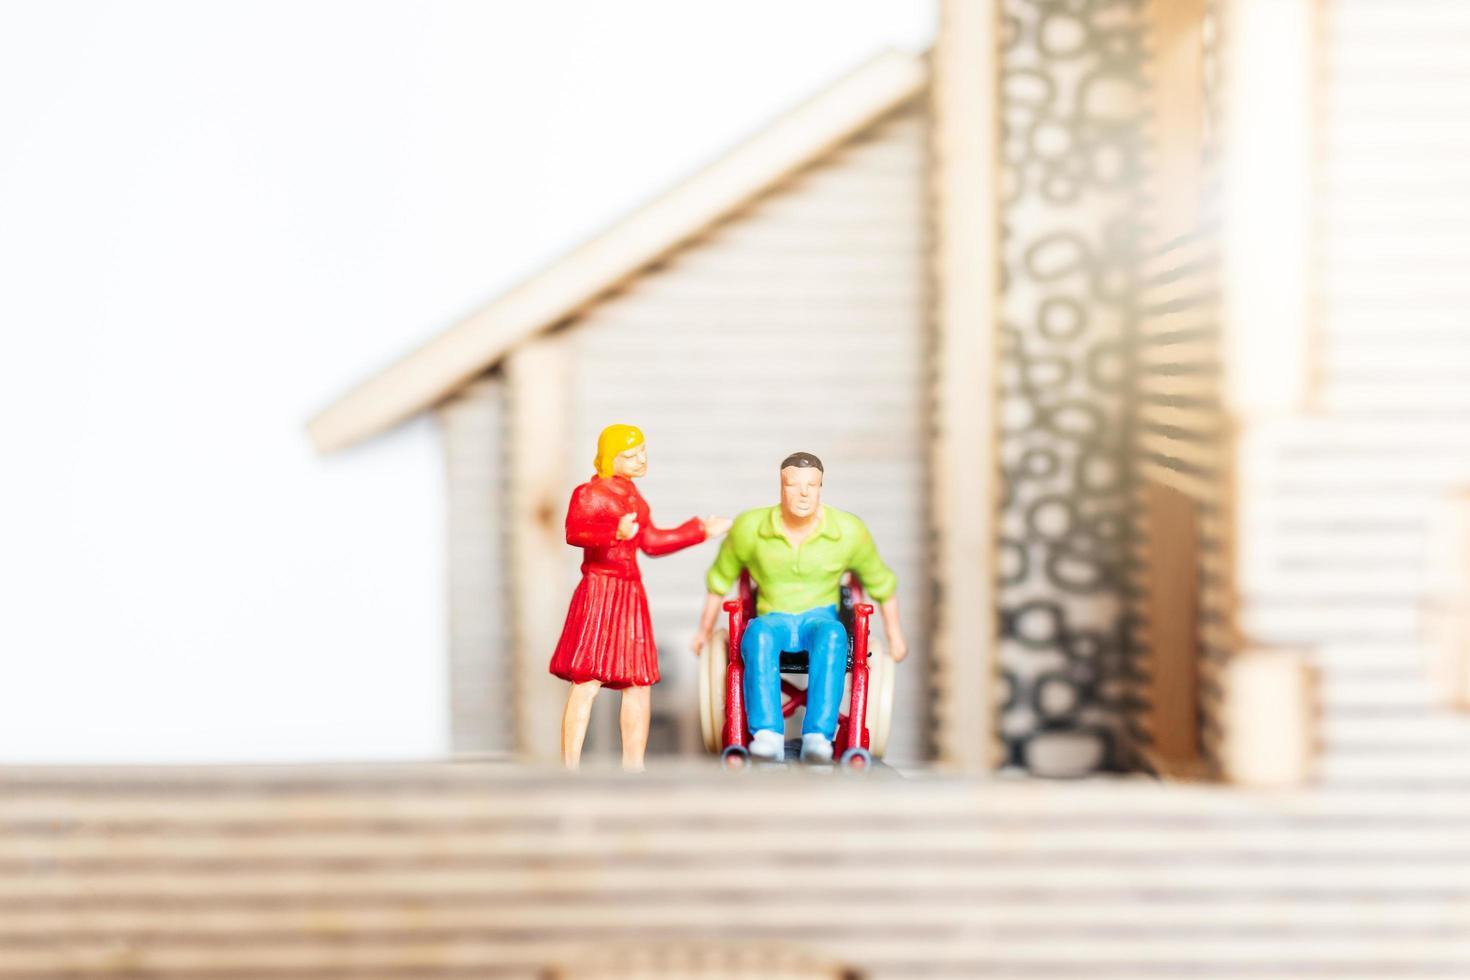 personnes miniatures restant à la maison faisant l'auto-quarantaine, concept de rester à la maison photo